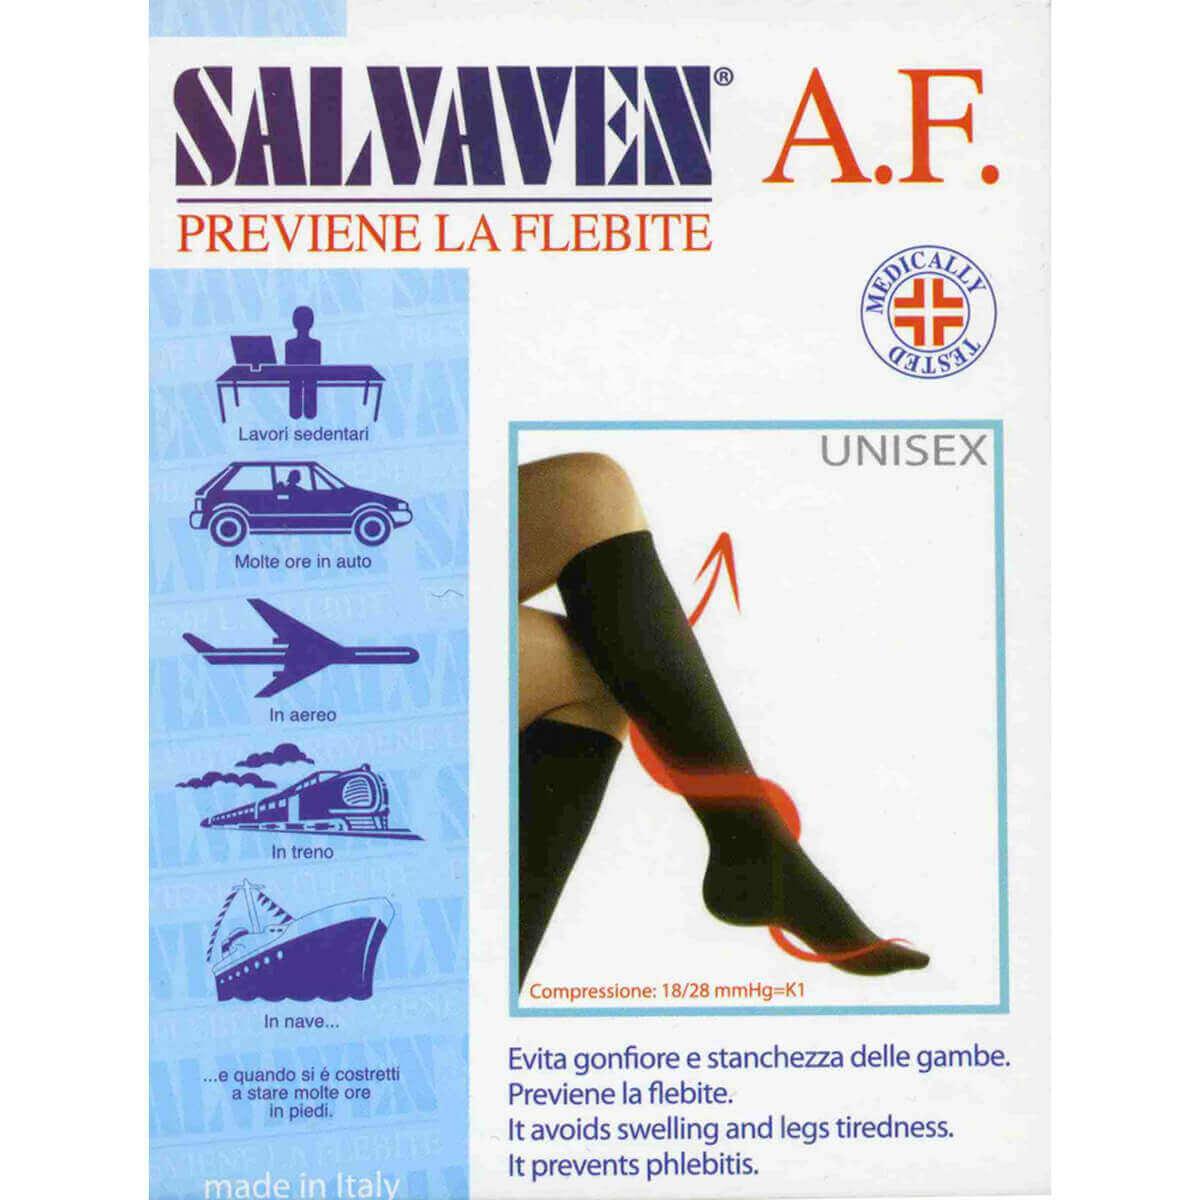 SALVAVEN CALZINO UNISEX (diversi solori e taglie) - Beige, S